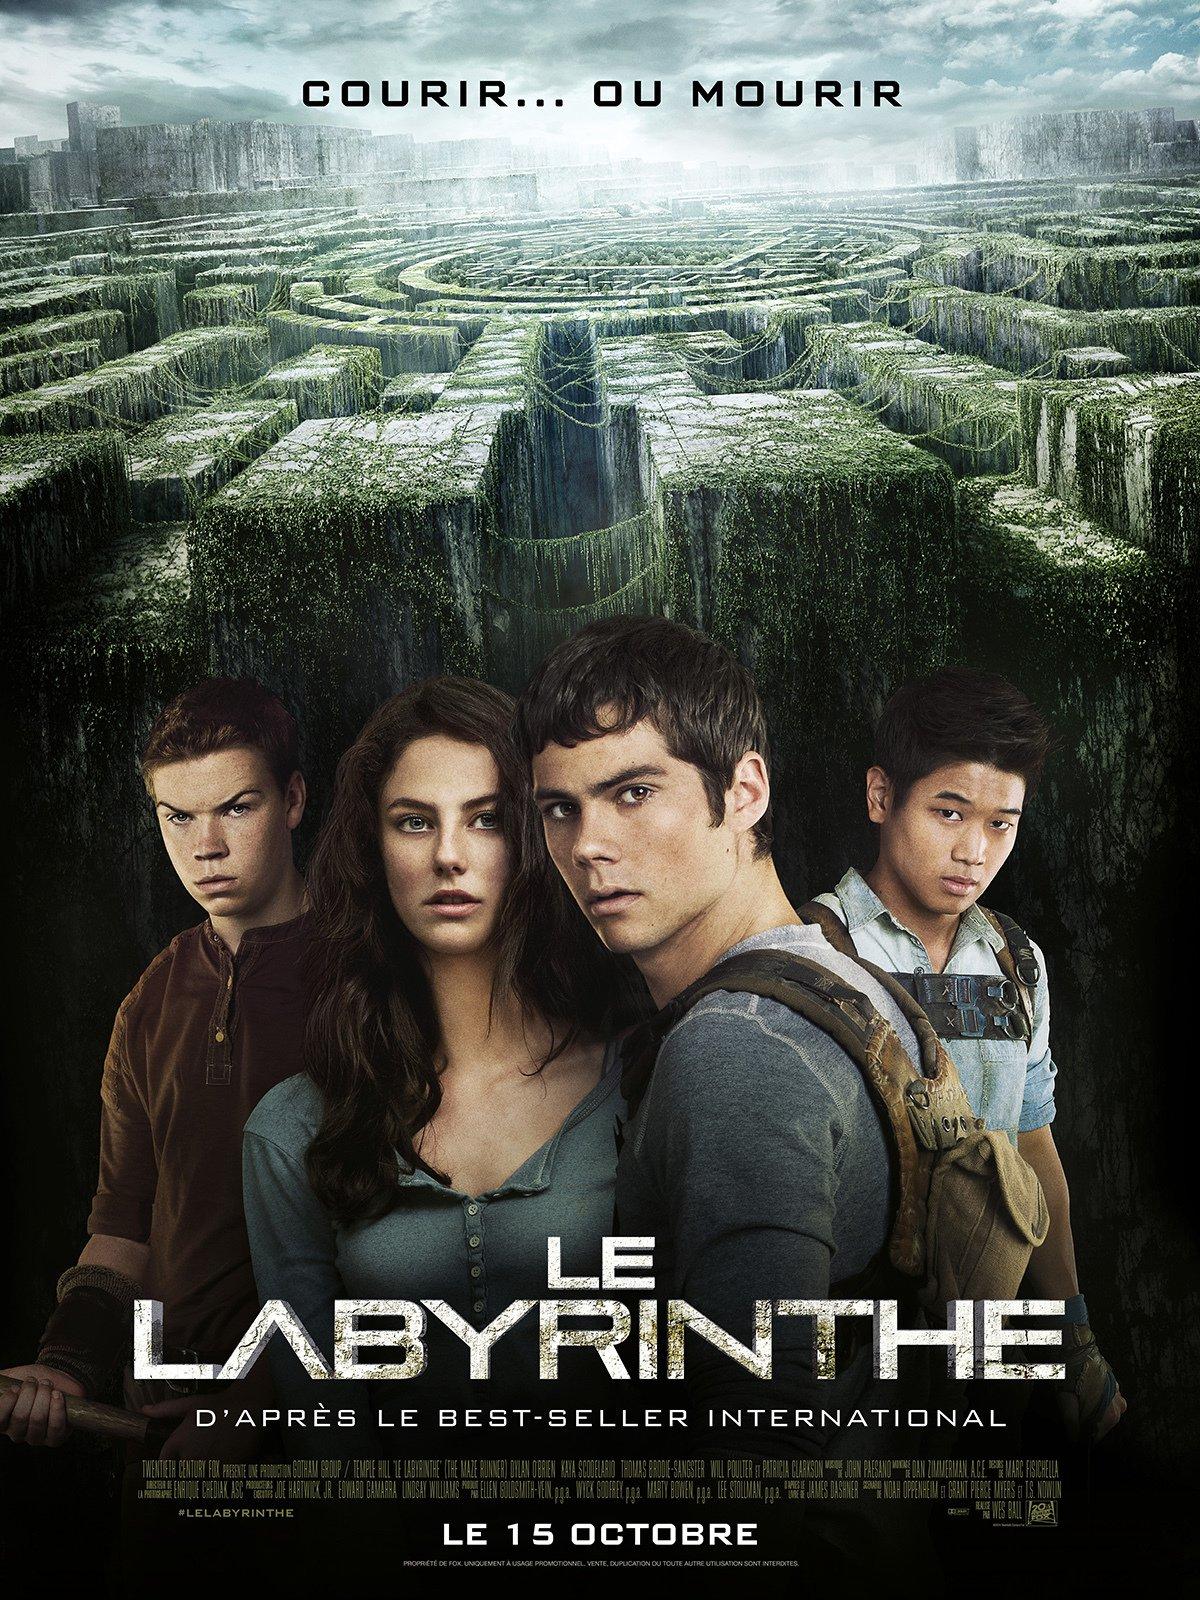 affiche du film Le Labyrinthe